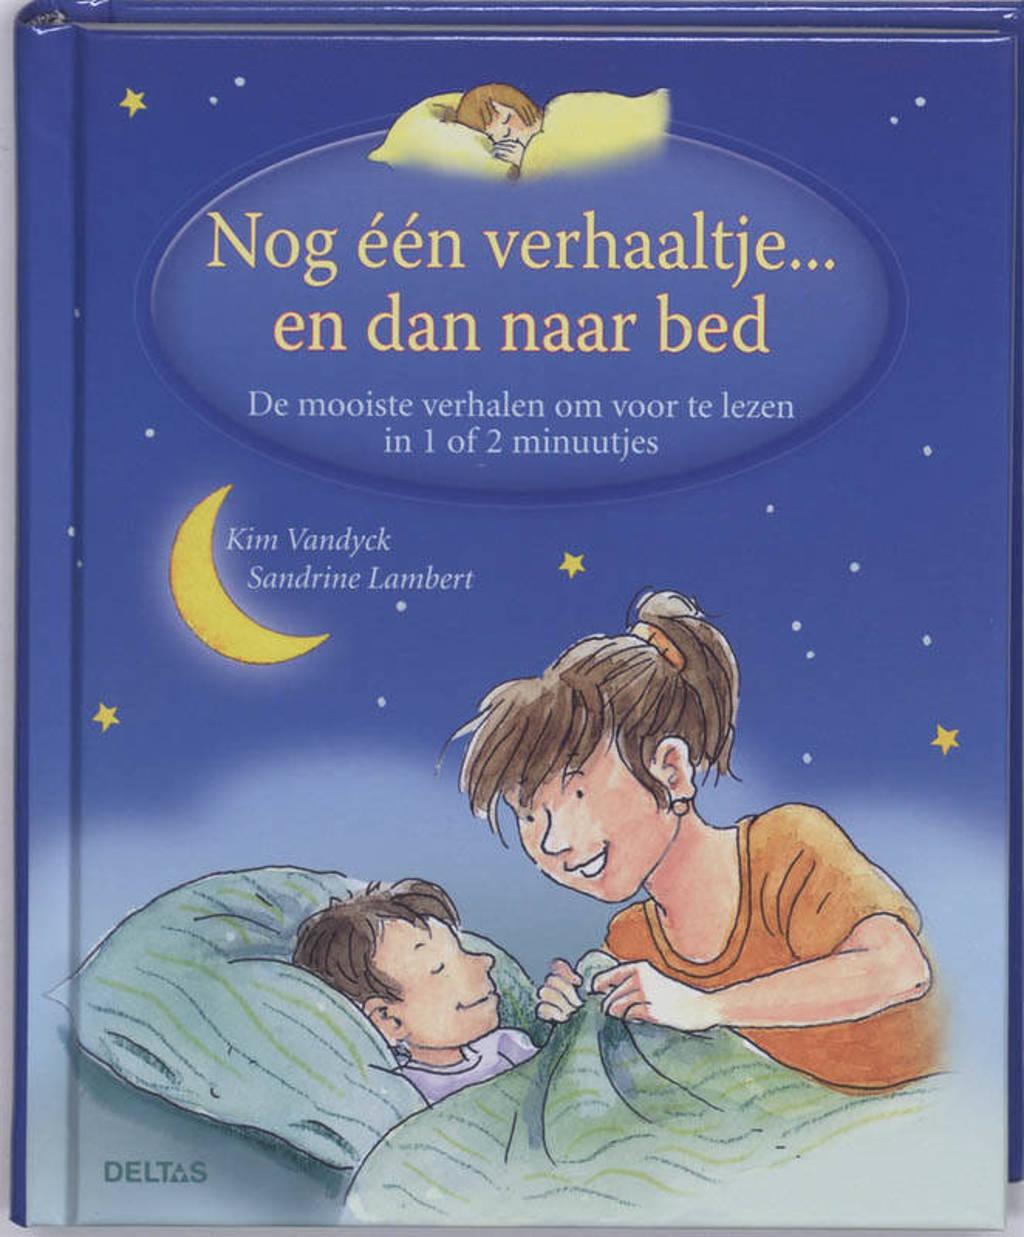 Nog één verhaaltje... en dan naar bed - K. Vandyck en S. Lambert